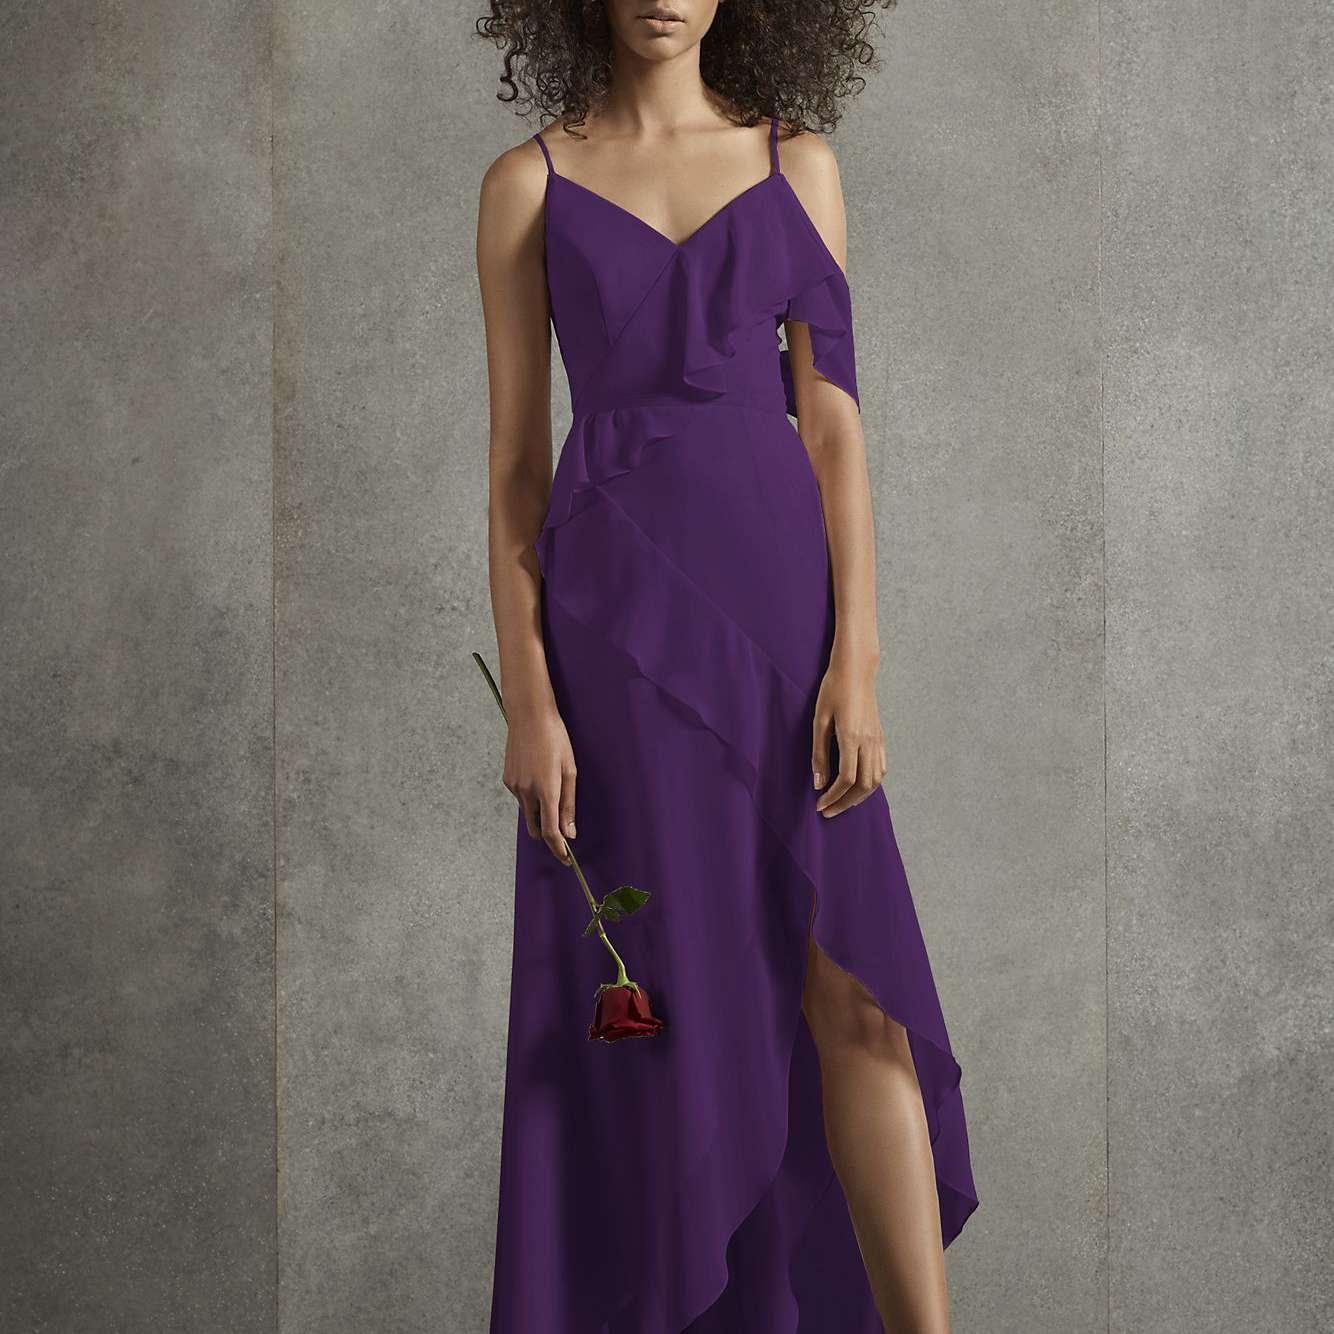 Lavender Silk Bridesmaid Dress Maxi Flared Gown